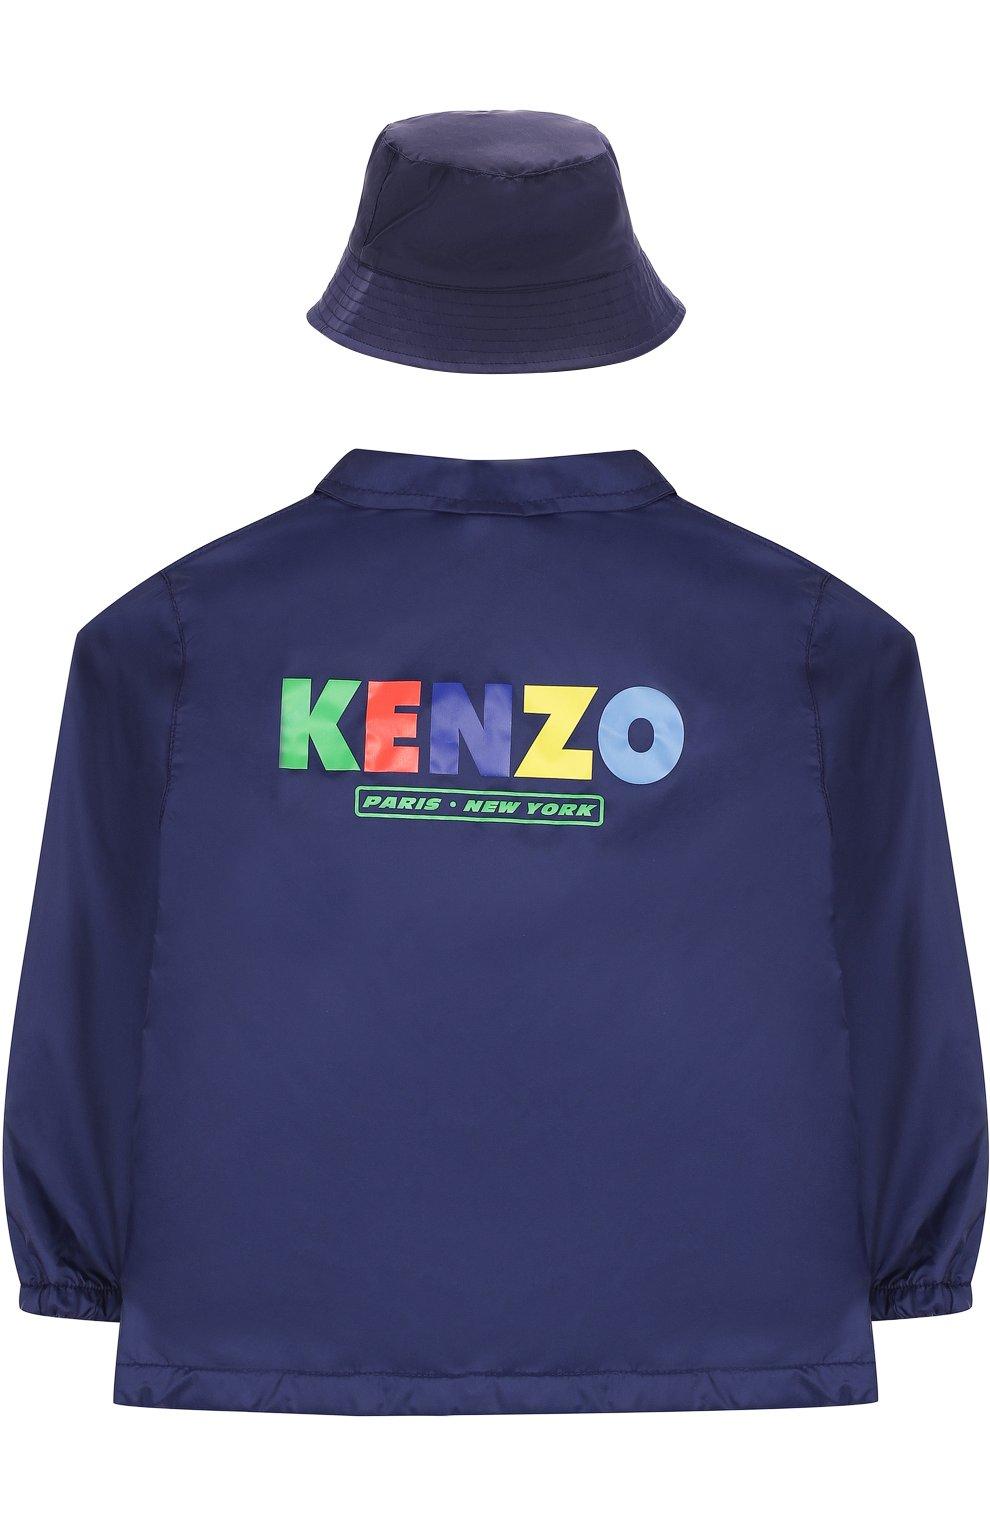 Детского комплект из ветровки и панамы KENZO темно-синего цвета, арт. KL42508/3A-6A | Фото 2